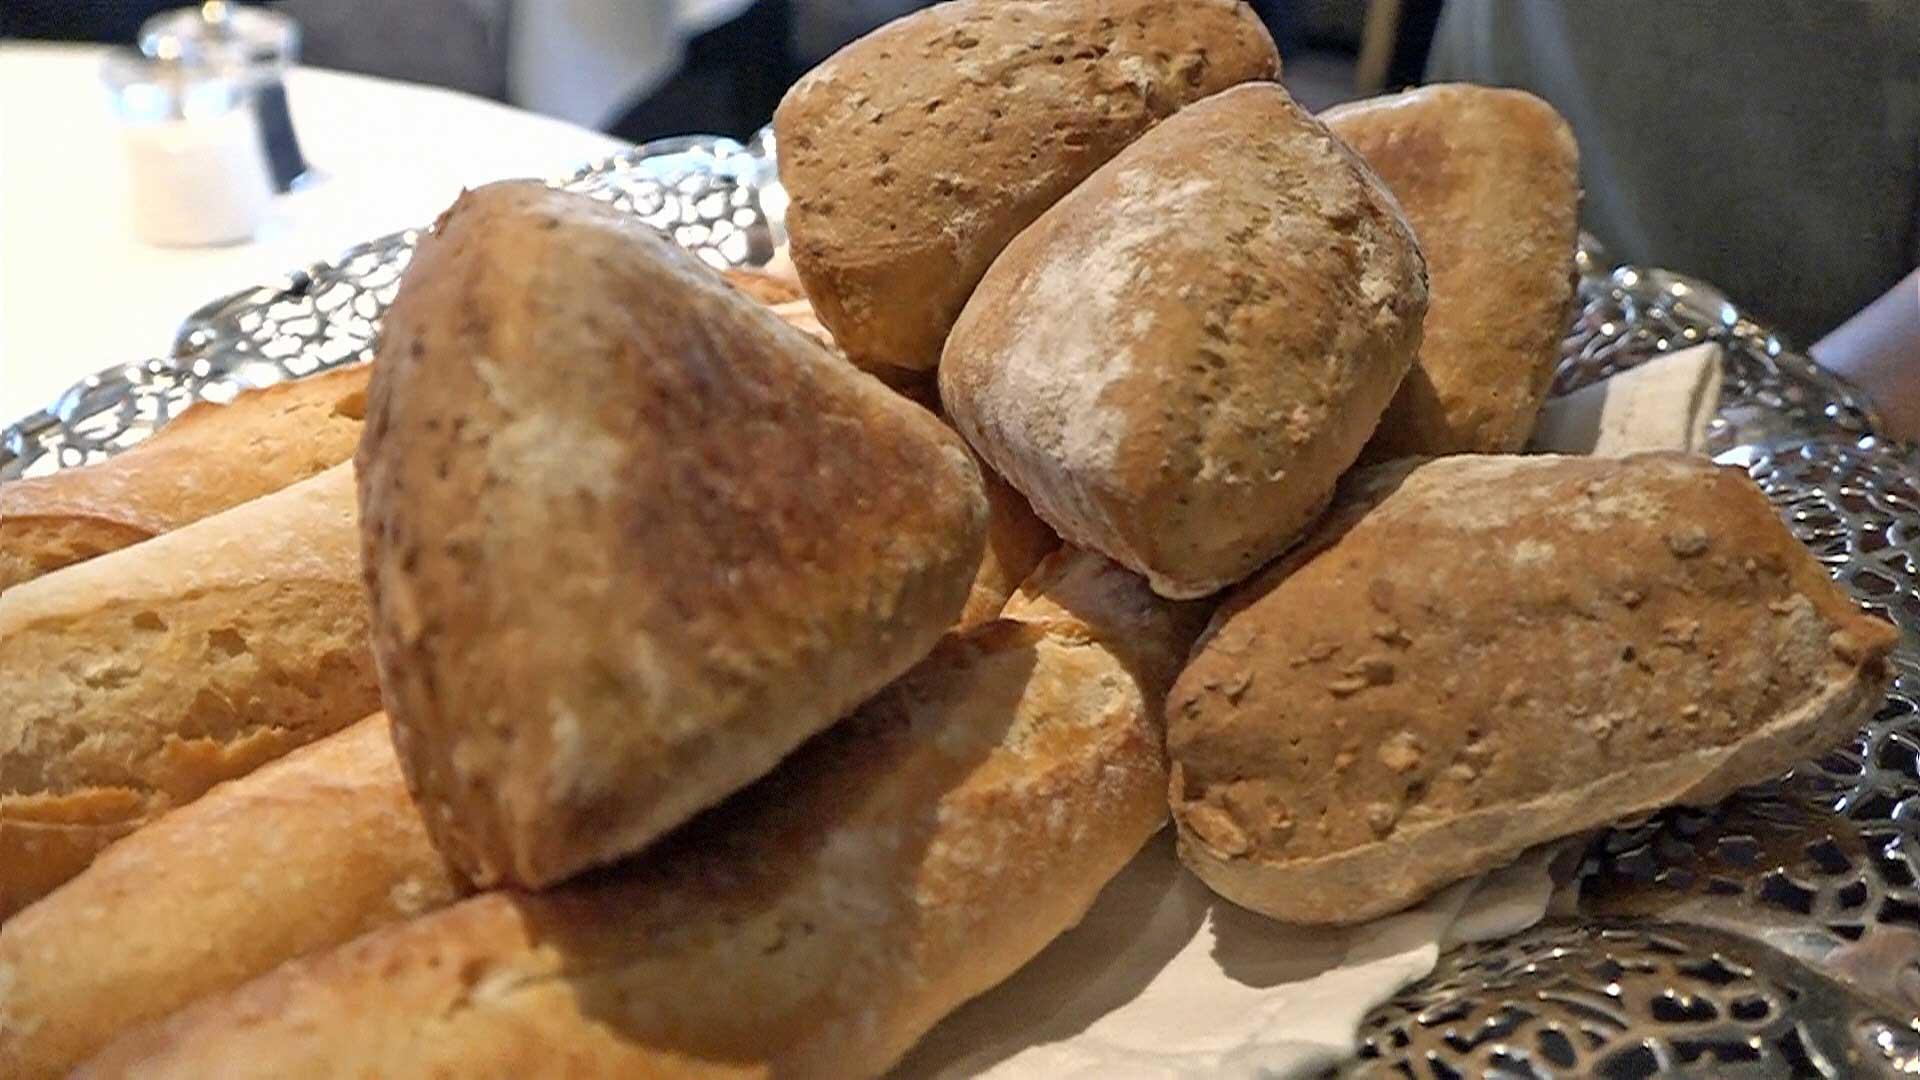 Les 2 pains proposés : Traditionnel et Céréales